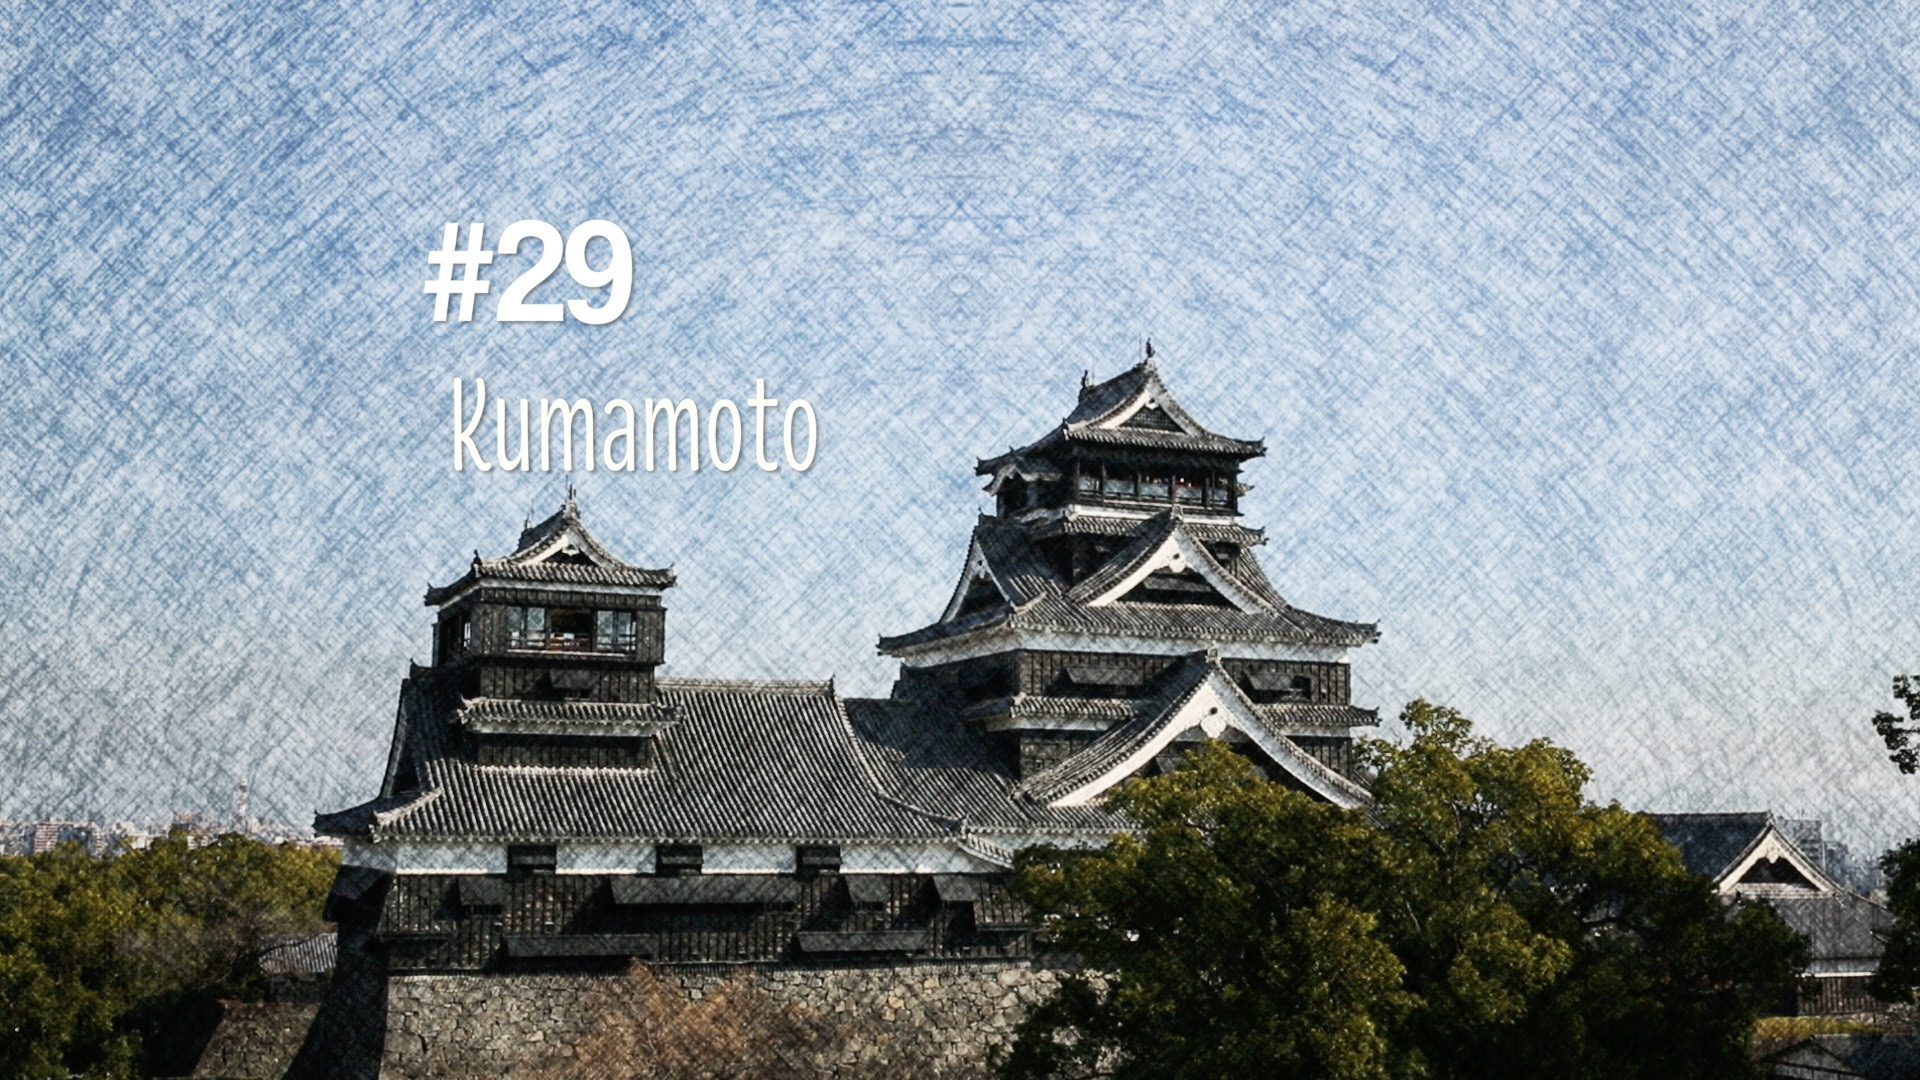 Le château de Kumamoto (#29)